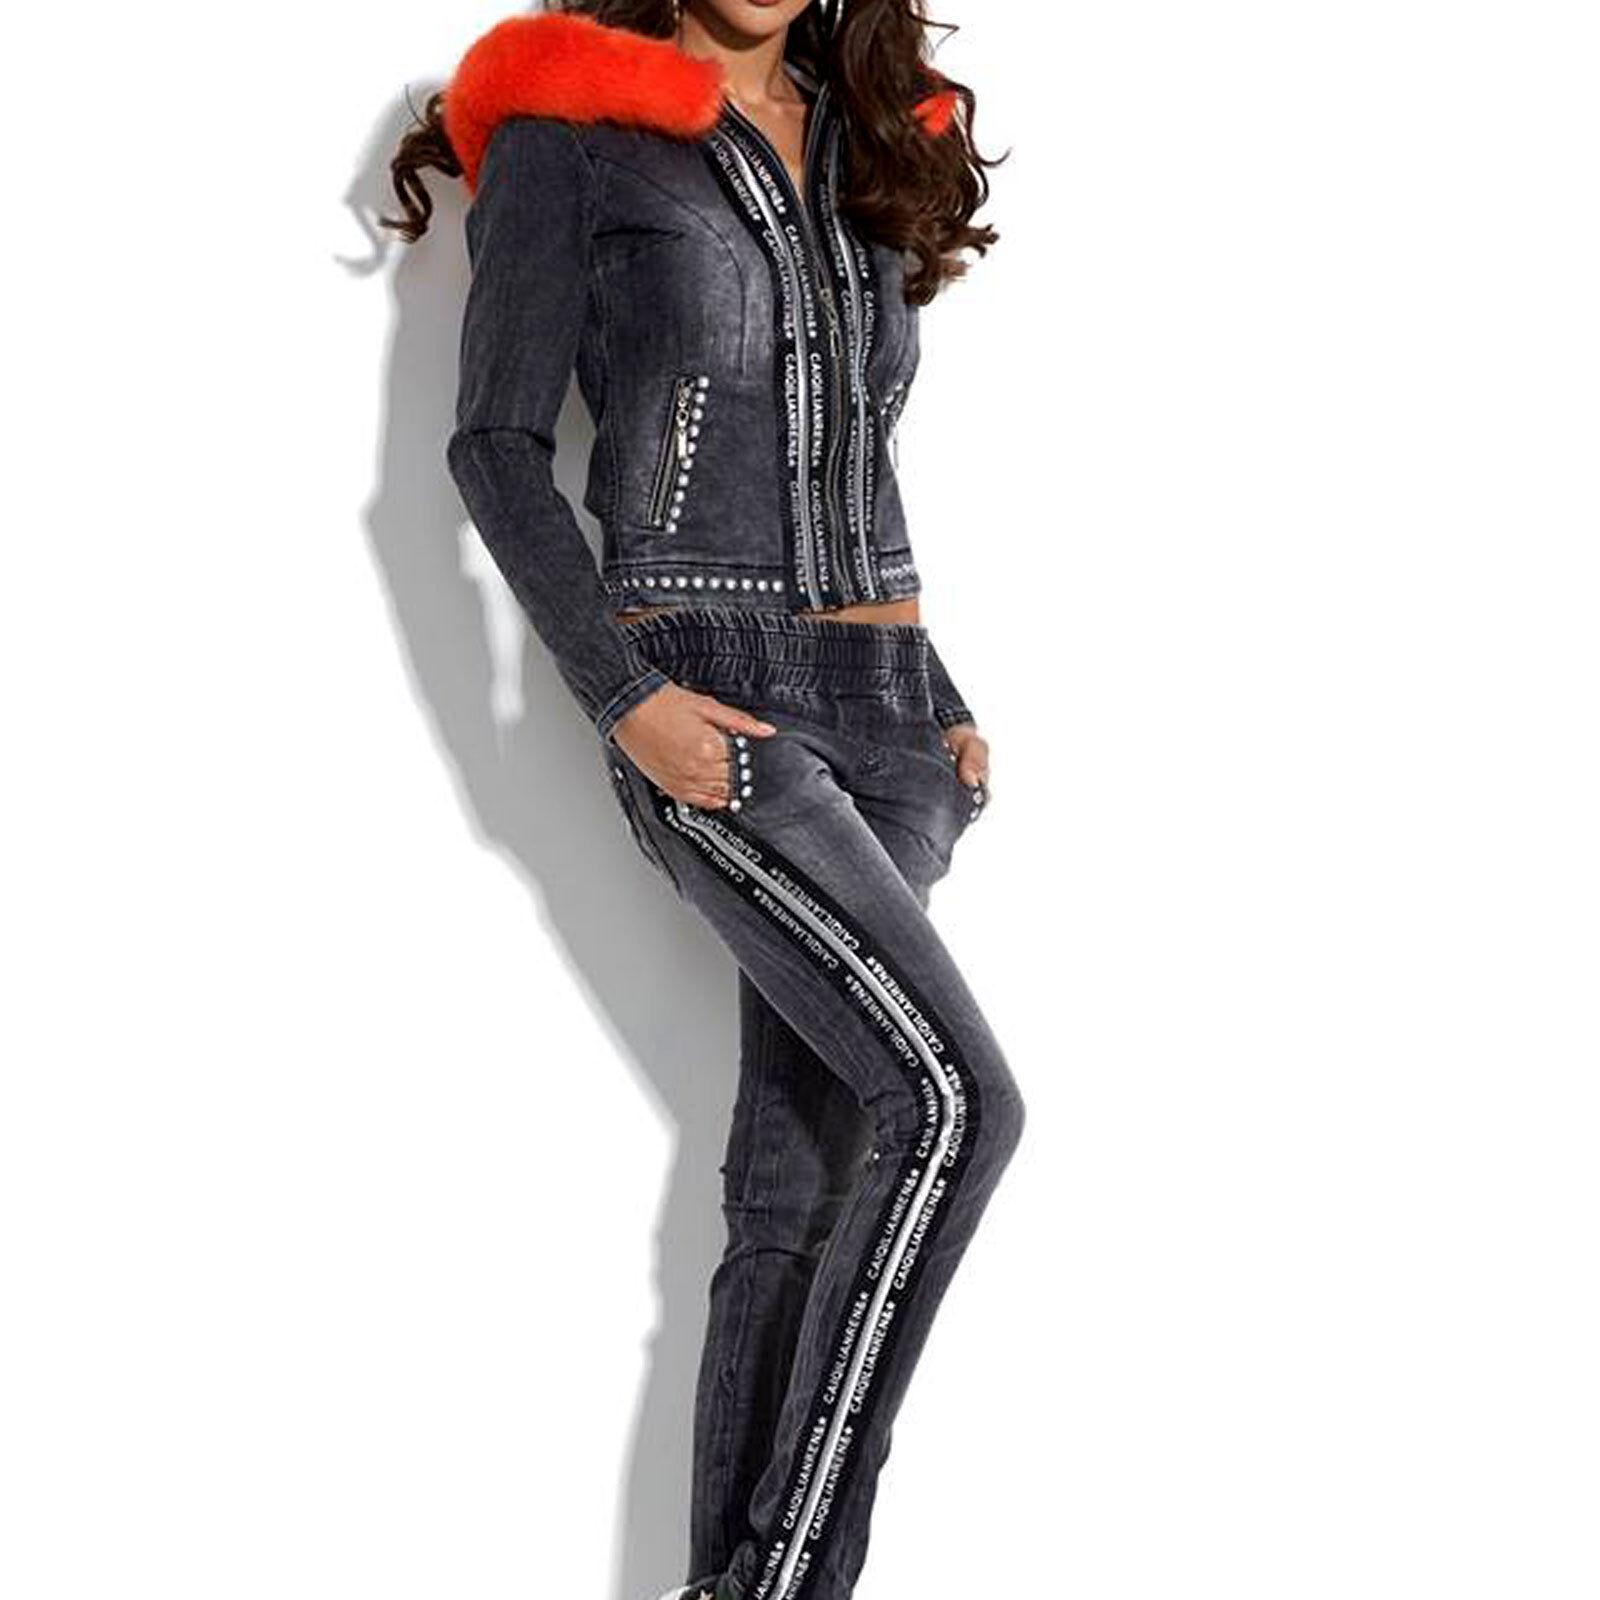 214ac01a88d6 By ALINA ALINA ALINA Jeans 2-divisorio con cappuccio Giacca + hüftjeans  Pantaloni tempo libero tuta PELO XS-M 398430